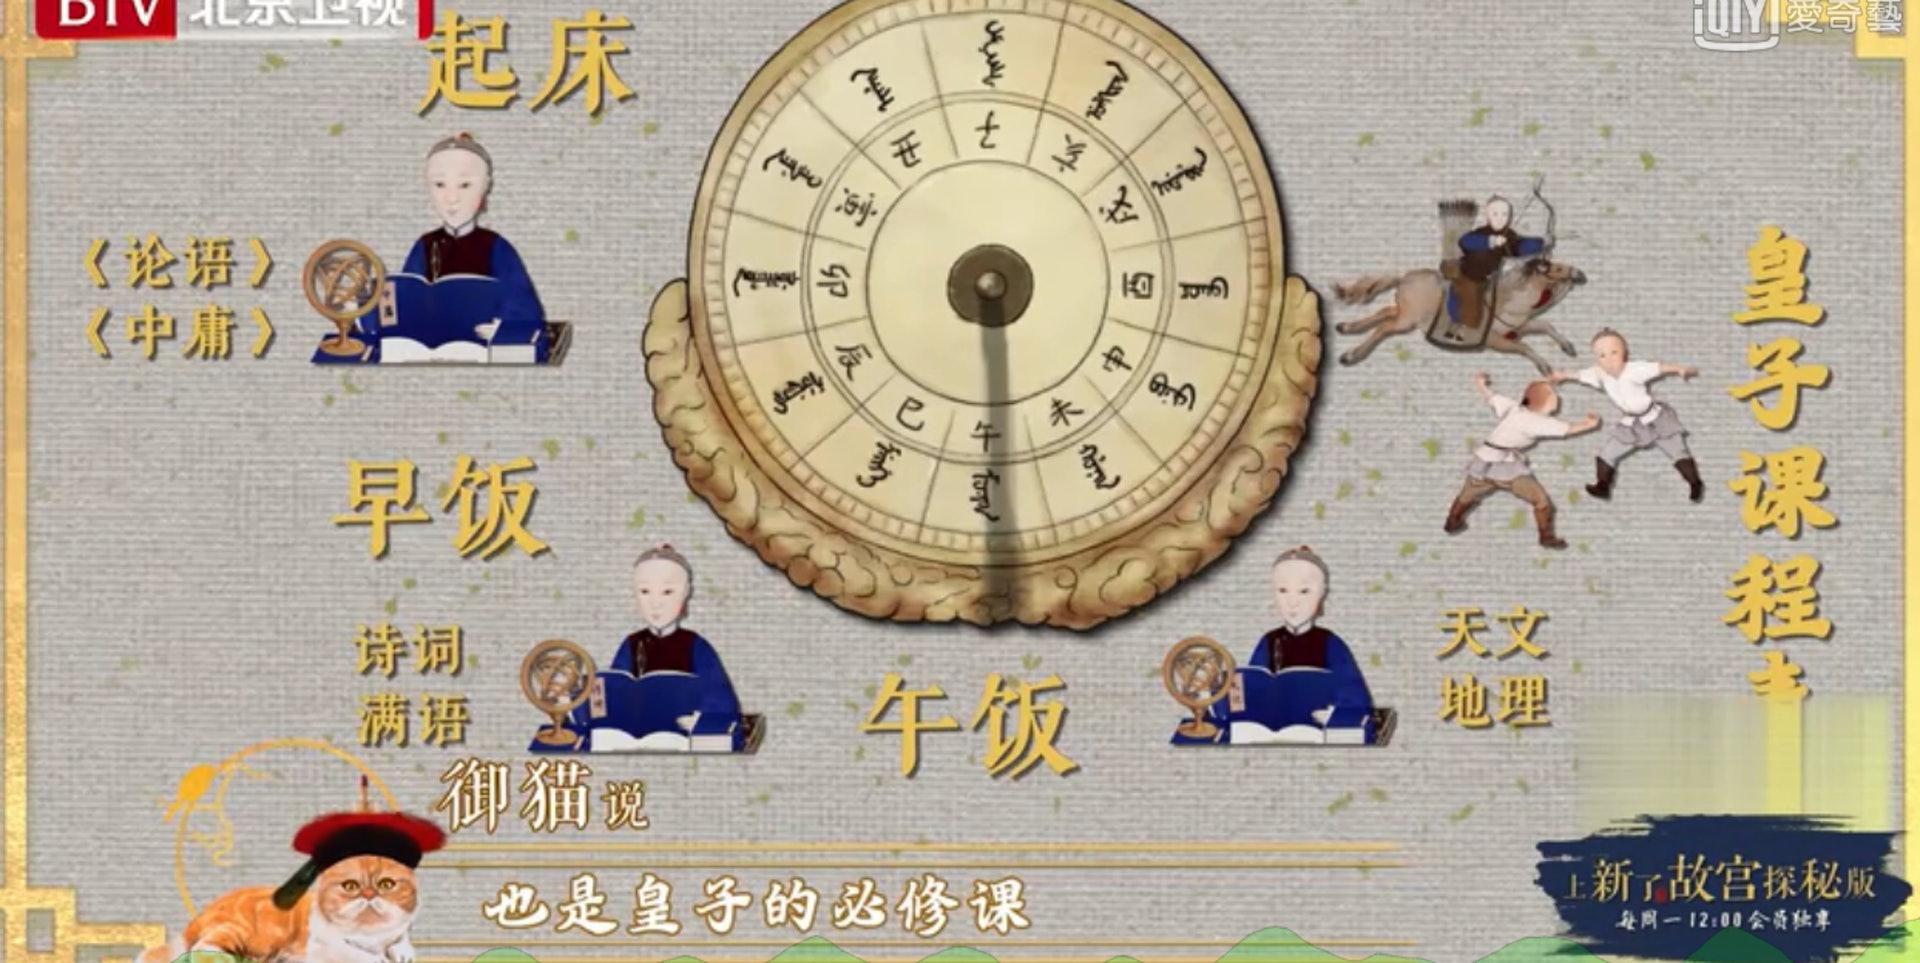 皇子的學習時間表排到密麻麻,要學習詩詞、滿文、《中庸》、《論語》、天文、地理,還有騎射、摔跤等,每年只放5日假。(網上截圖)